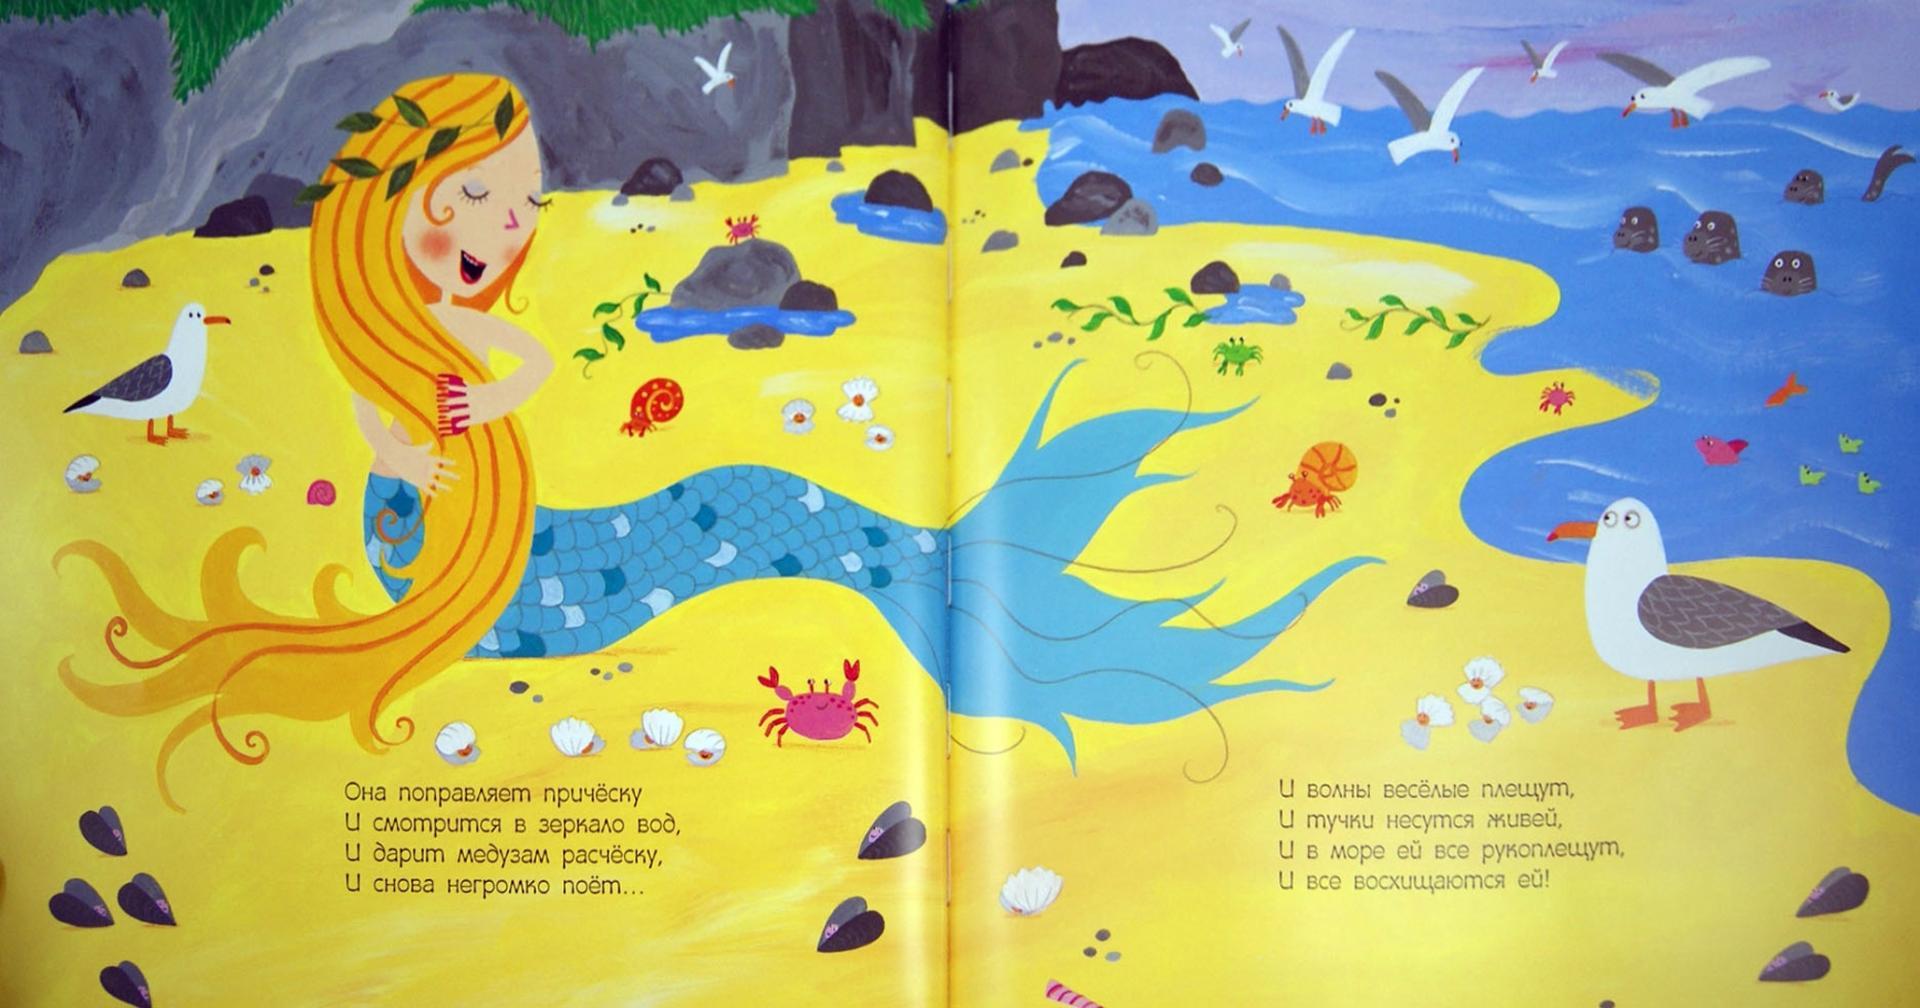 Иллюстрация 1 из 26 для Сказка о поющей русалочке - Джулия Дональдсон | Лабиринт - книги. Источник: Лабиринт